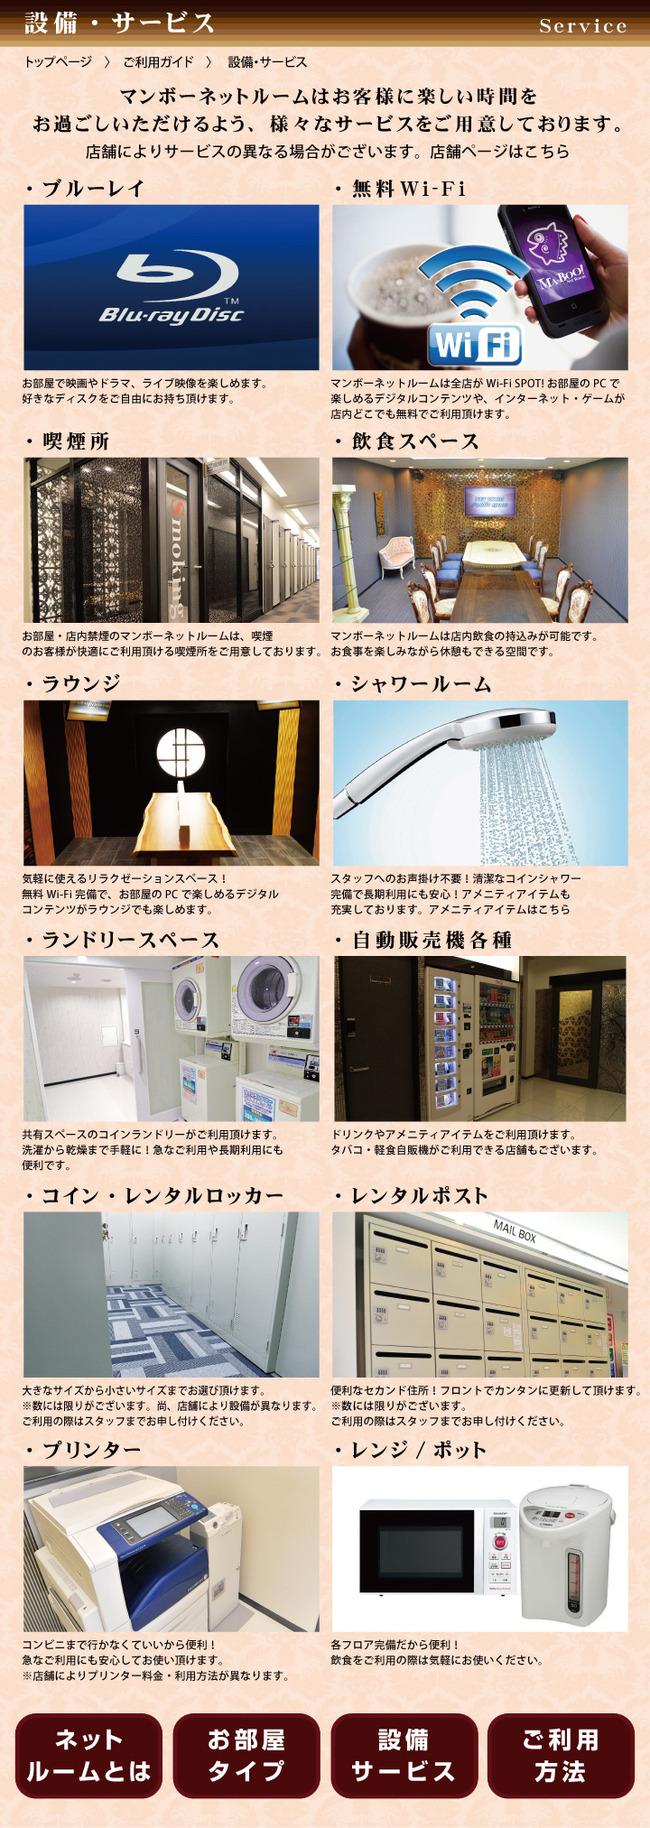 ネットルーム ネカフェ マンボー 個室 宿泊に関連した画像-09